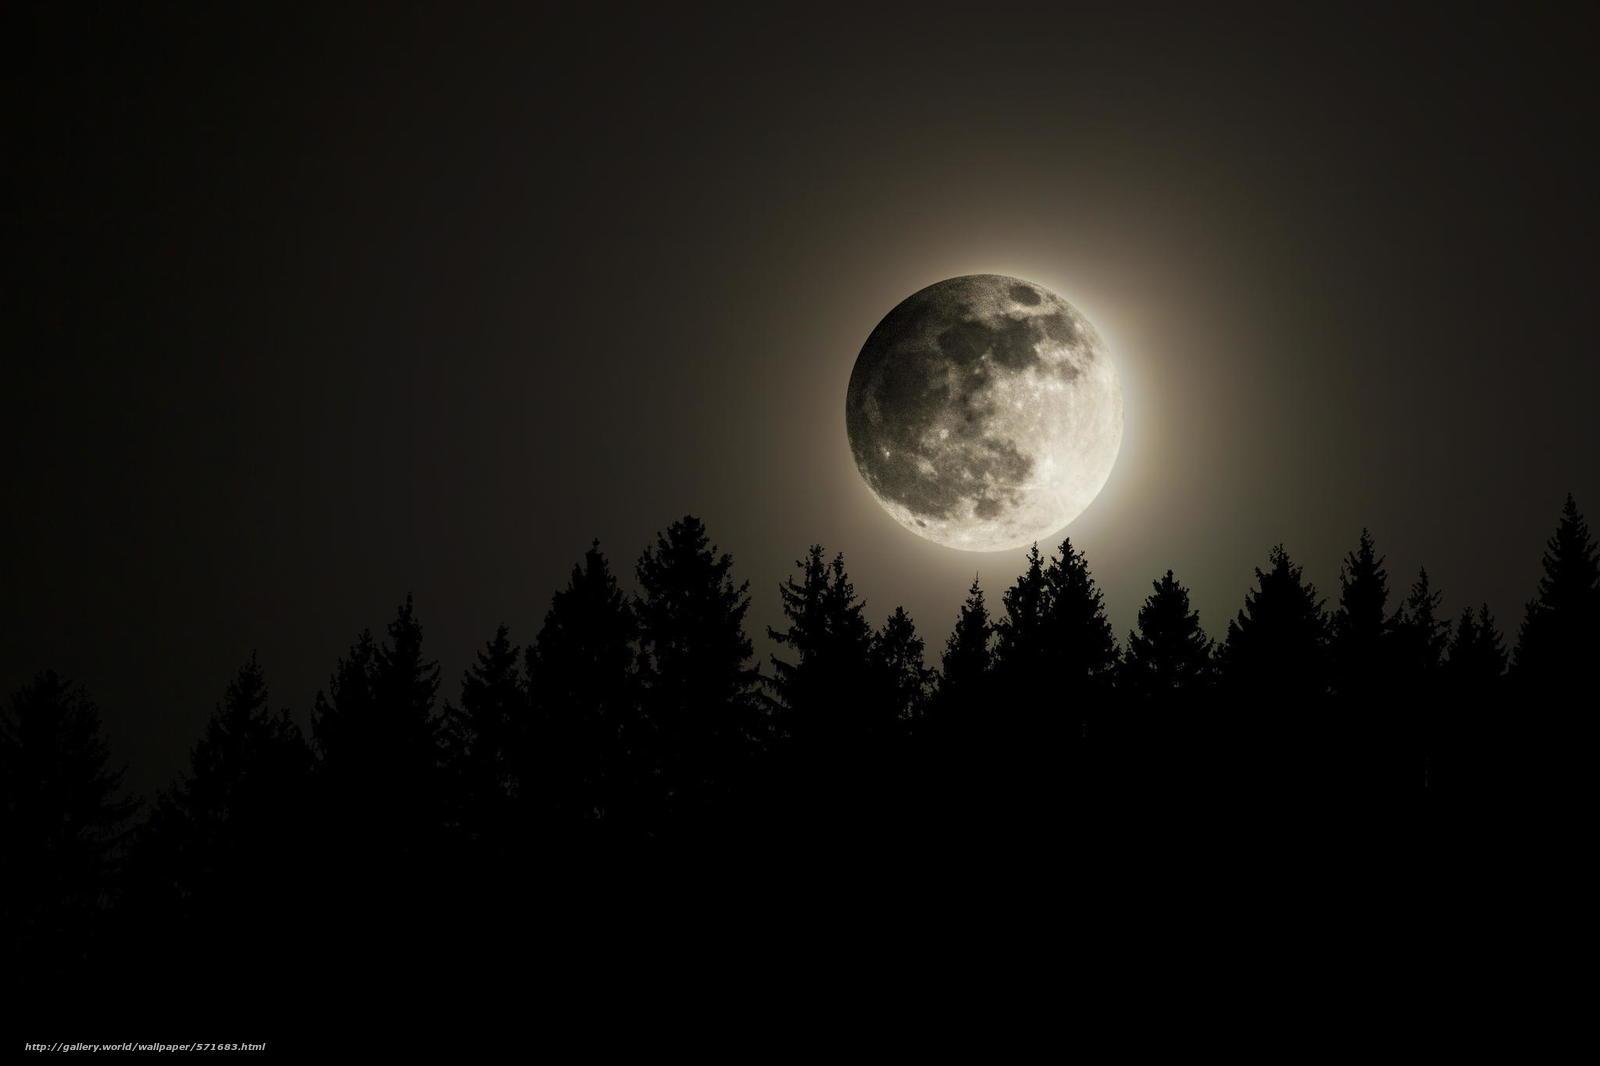 Cielo, Bosque, Noche, Luna, Luna Llena